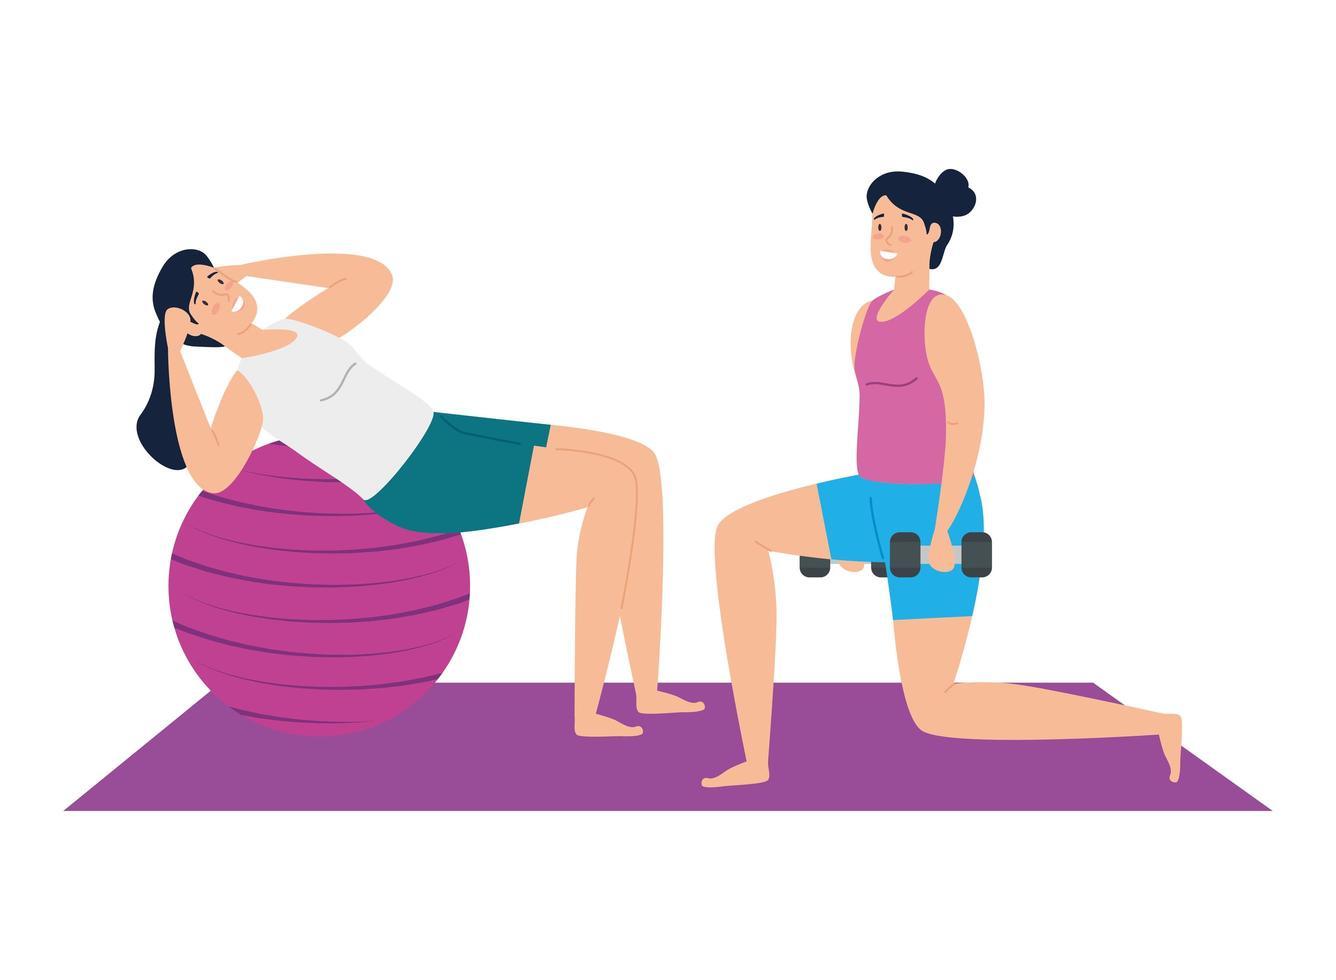 kvinnor som tränar tillsammans vektor